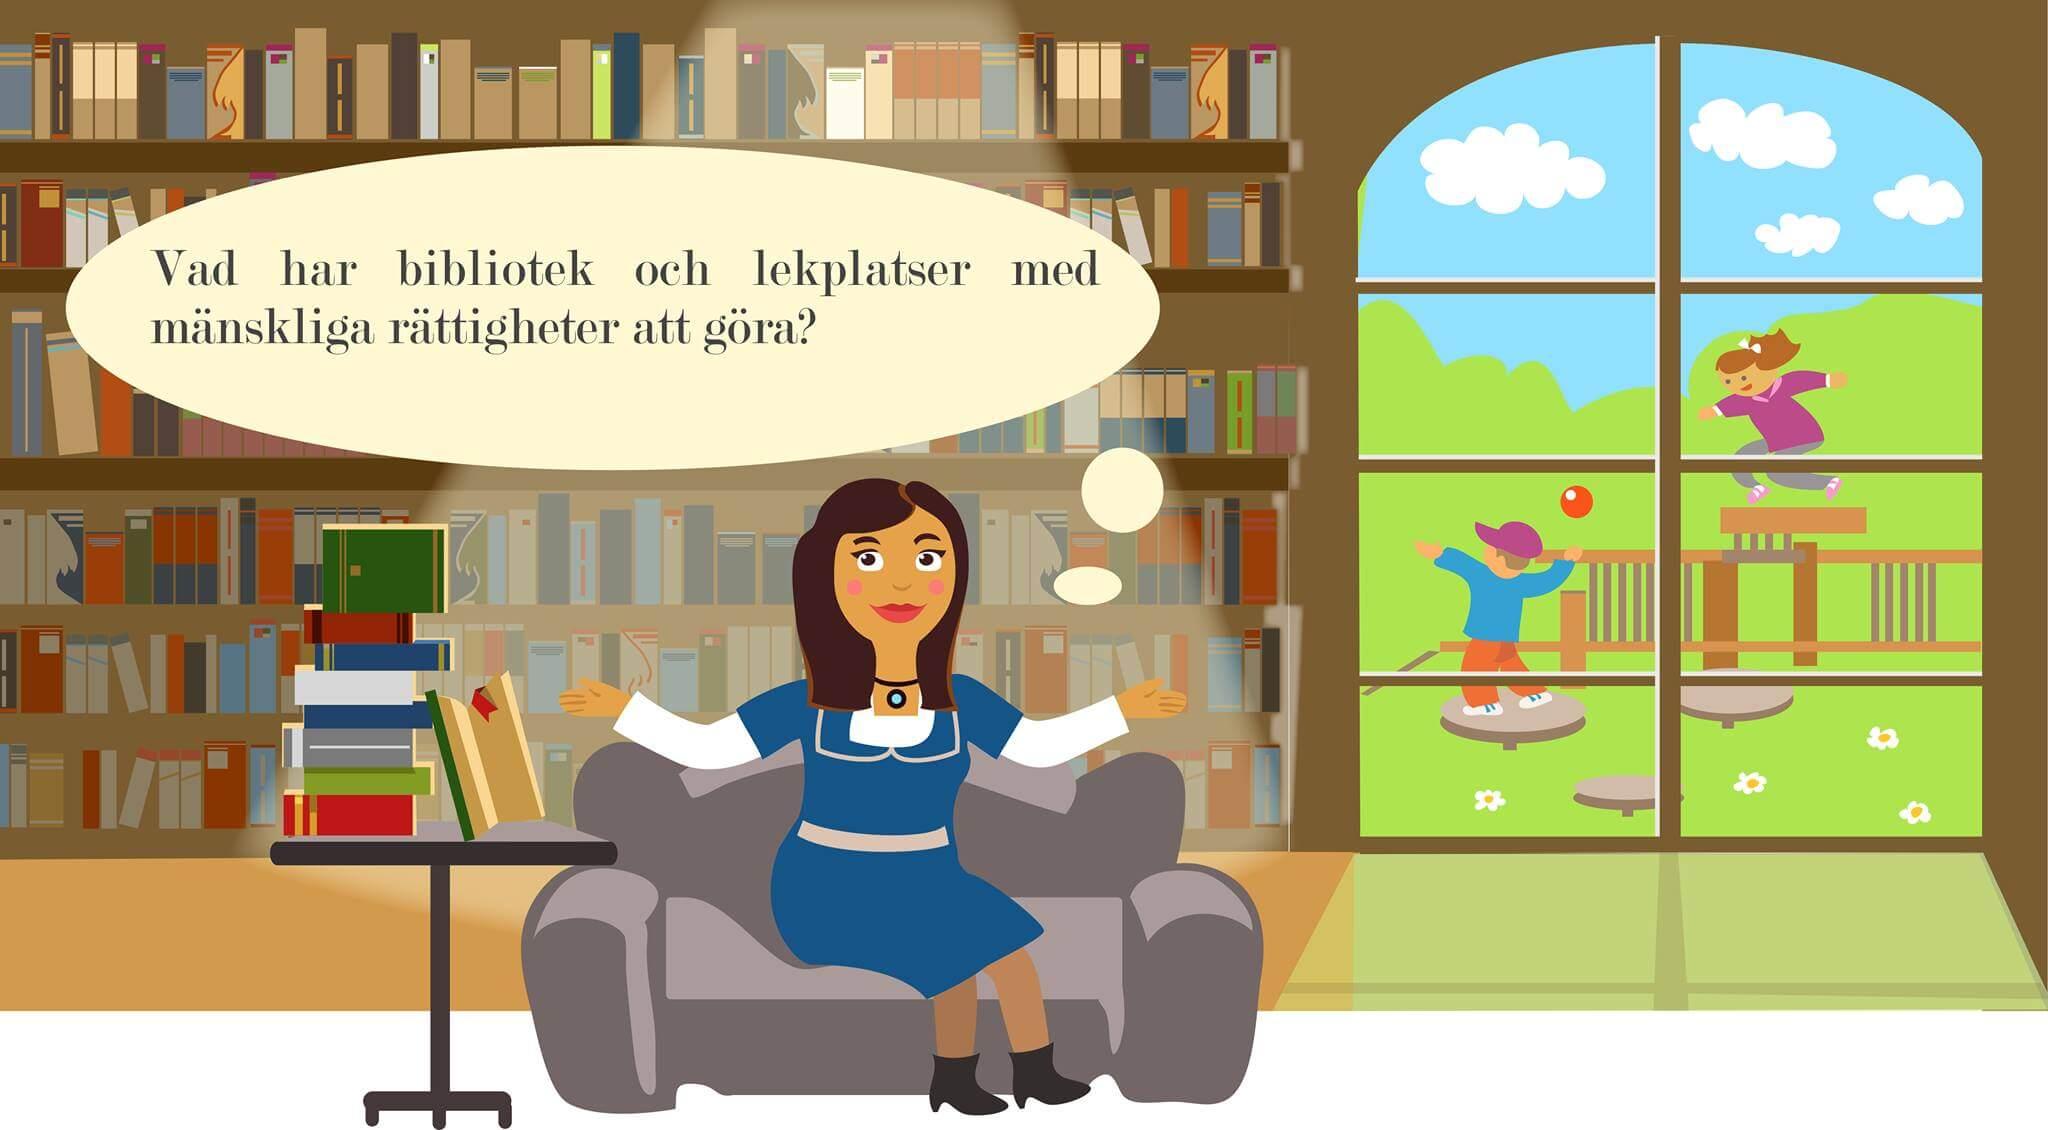 Hanna and Goliath fortbildar kultur och fritidsförvaltningen i Gävle